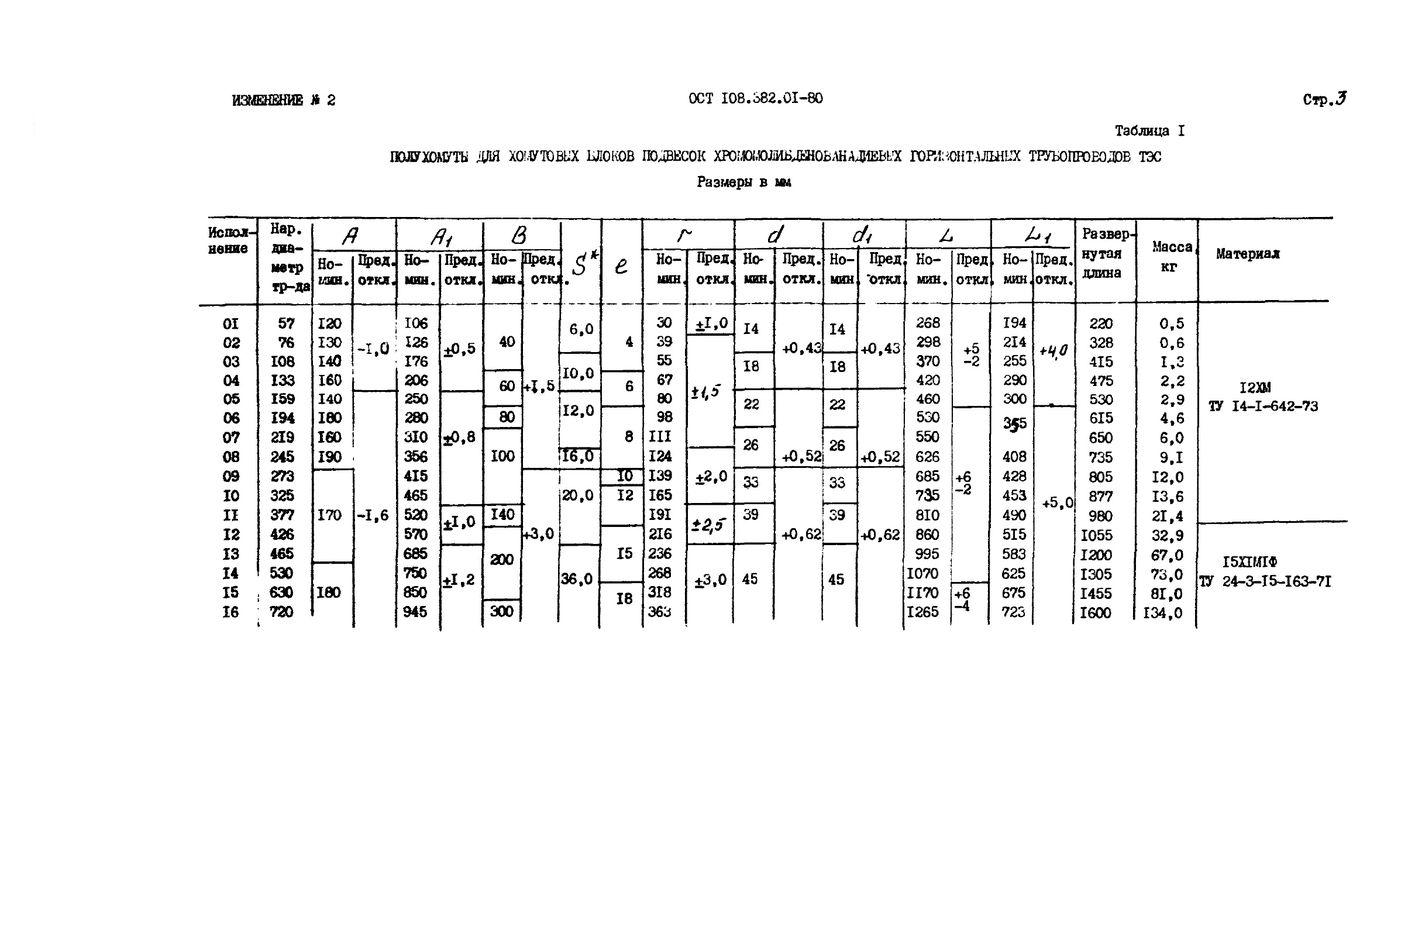 Полухомуты для хомутовых блоков подвесок горизонтальных трубопроводов ОСТ 108.382.01-80 стр.8